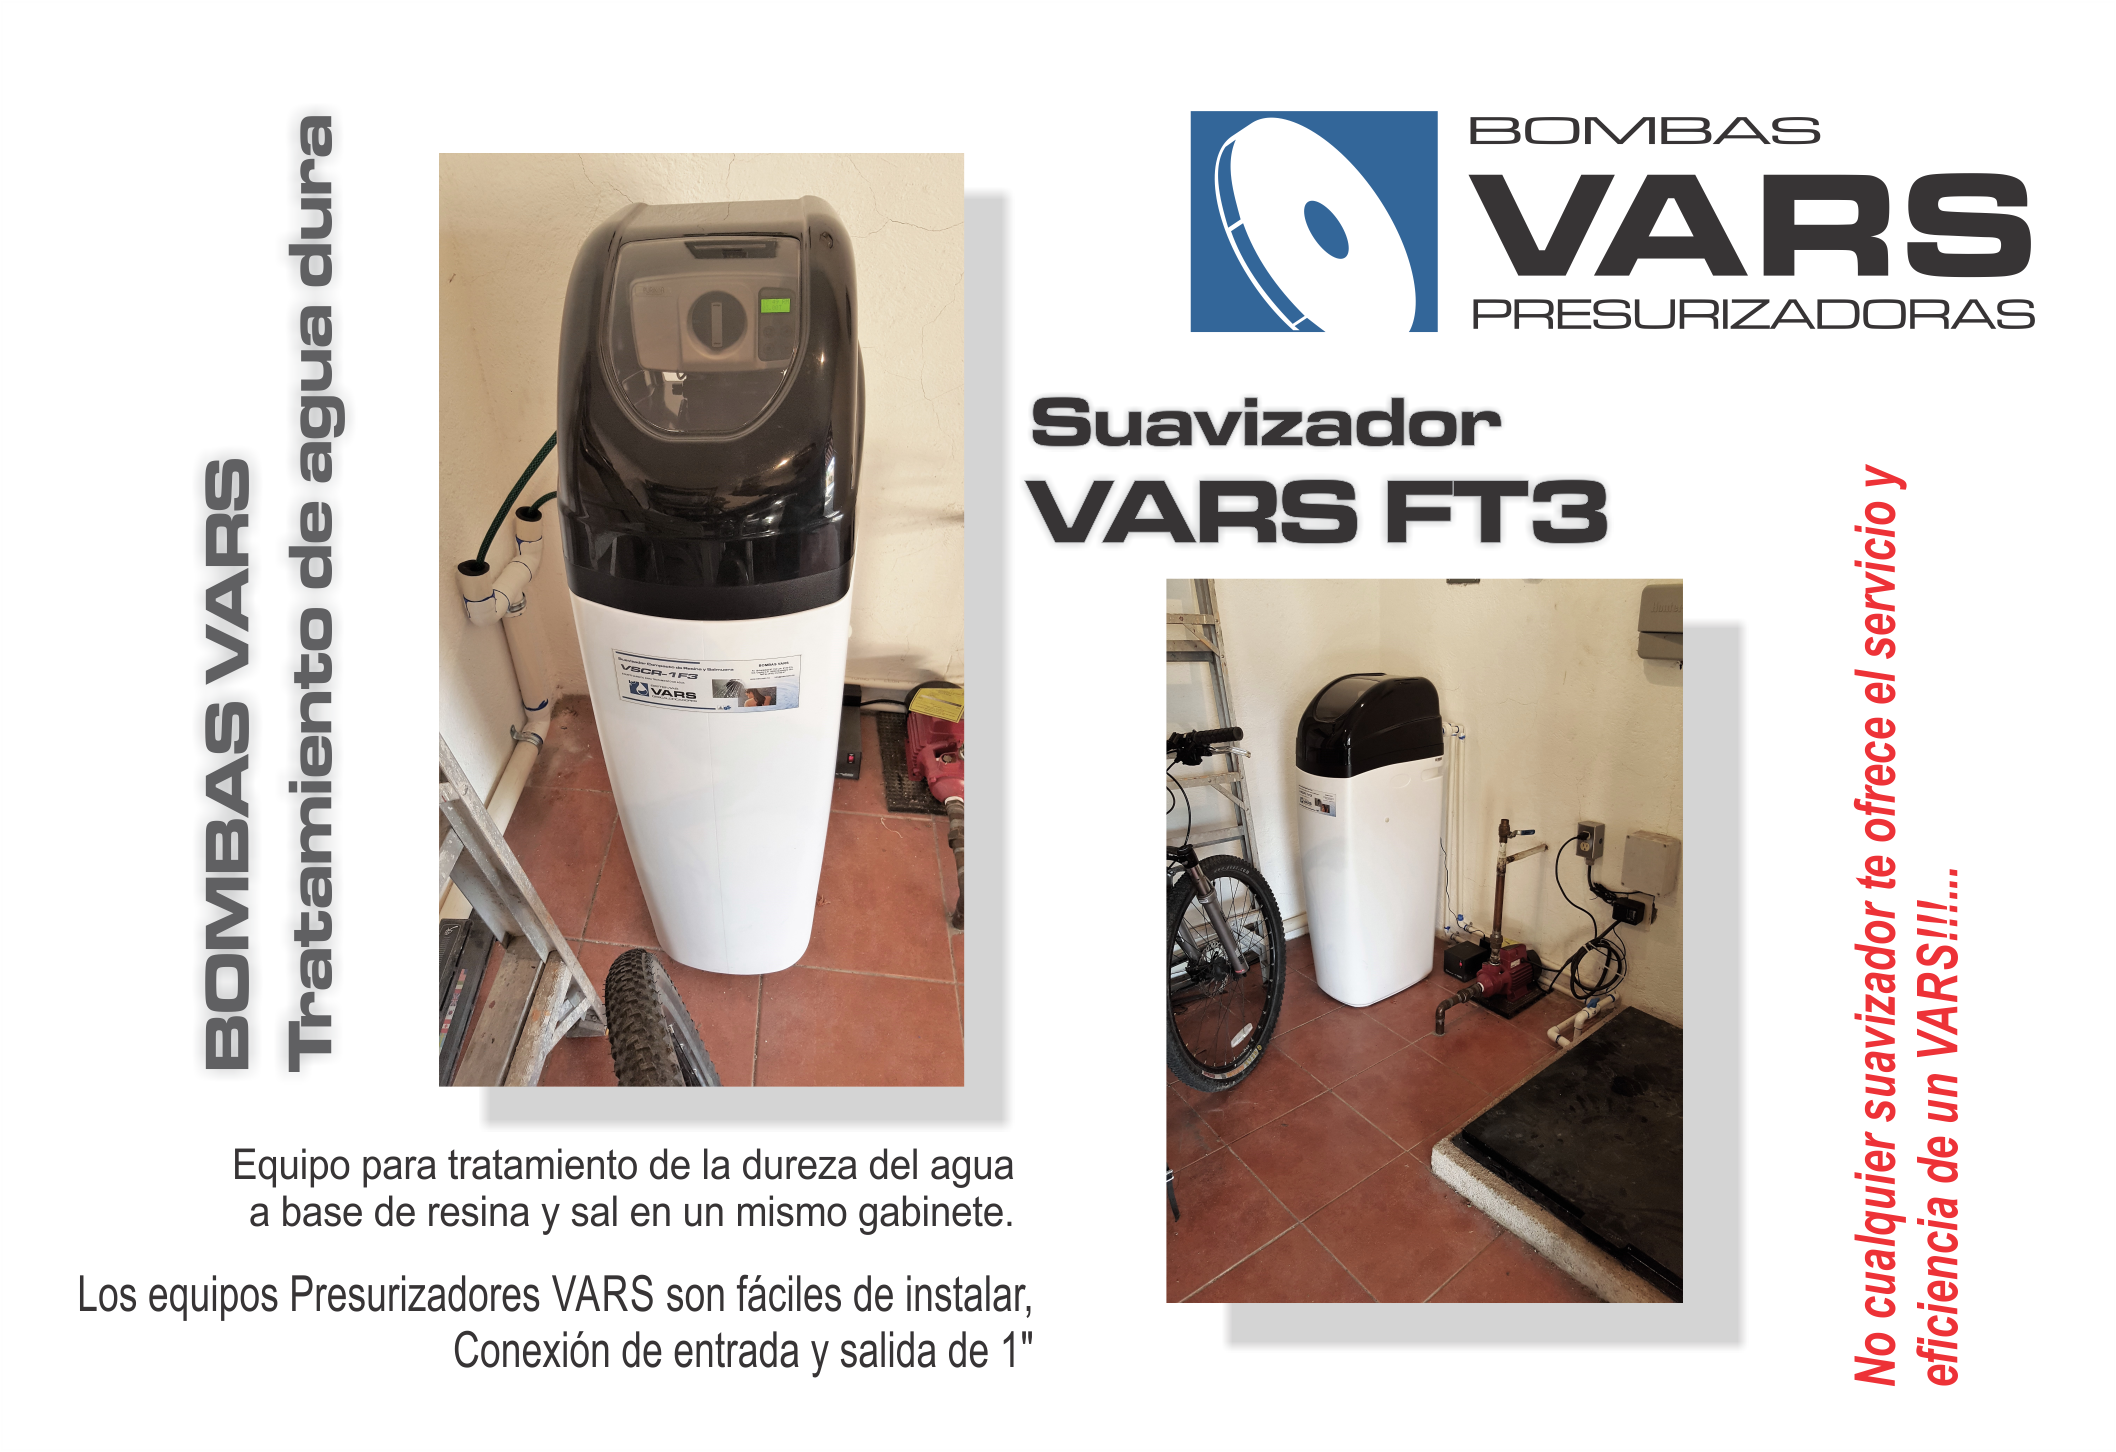 Suavizador VARS FT3